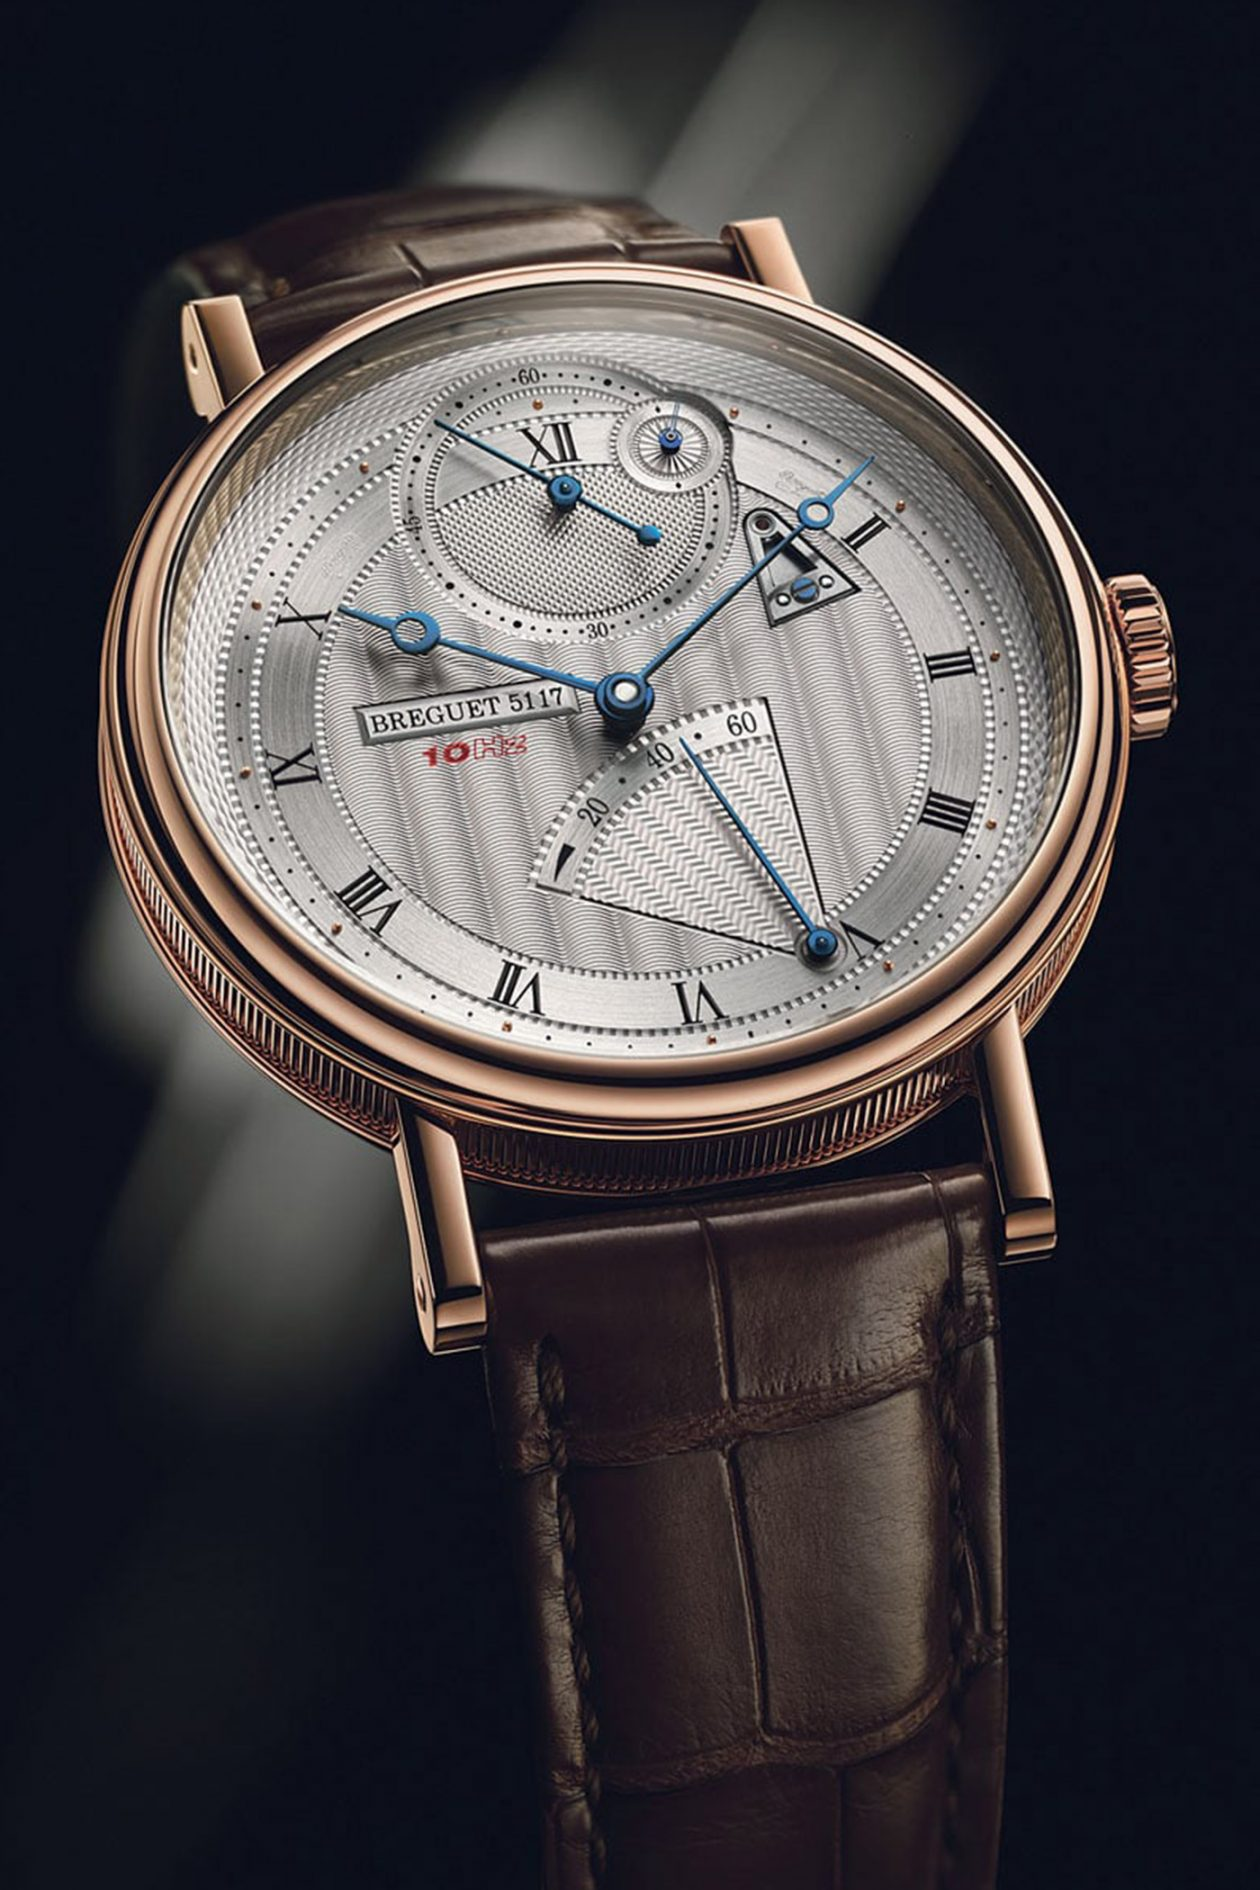 Breguet Classique Chronométrie ref. 7727 10Hz